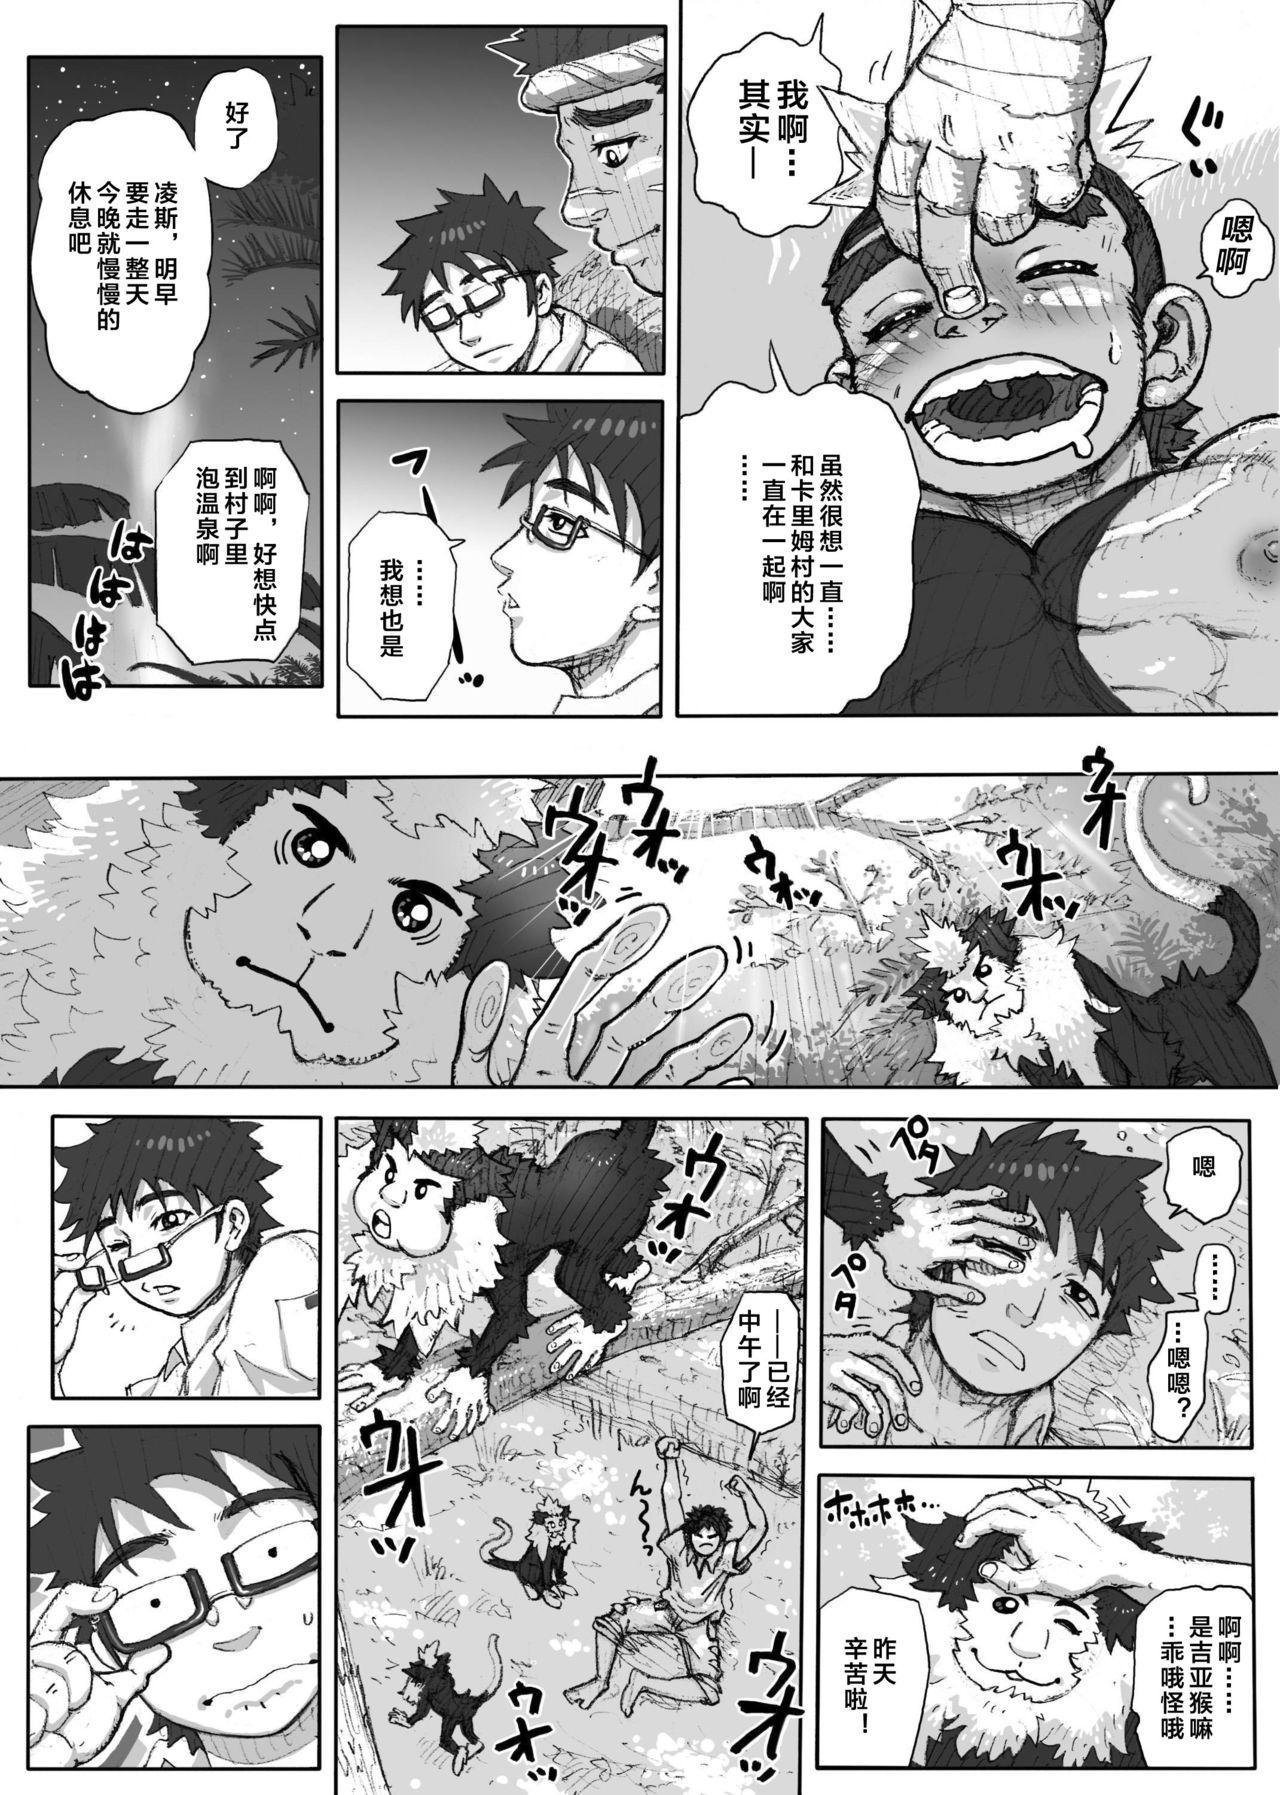 Hepoe no Kuni kara 1 - Mizu no Gakusha Sensei, Hi no Buzoku no Saru ni Hazukashimerareru no Maki 12